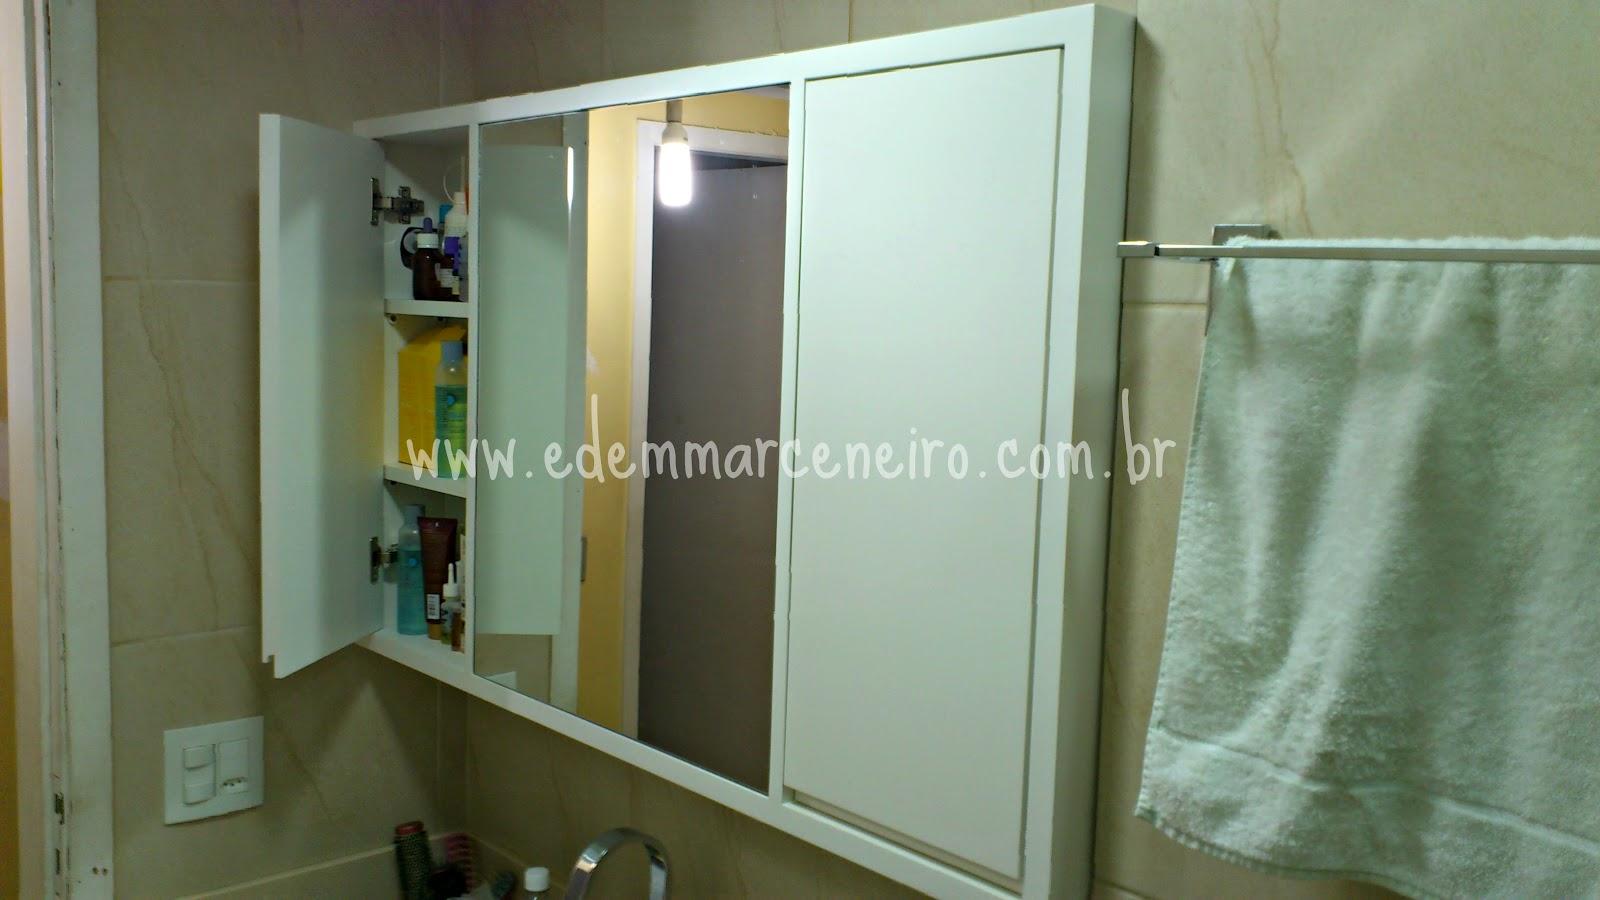 Armário Laqueado para banheiro com espelho Edem Marceneiro #887A43 1600x900 Armario Banheiro Em Joinville